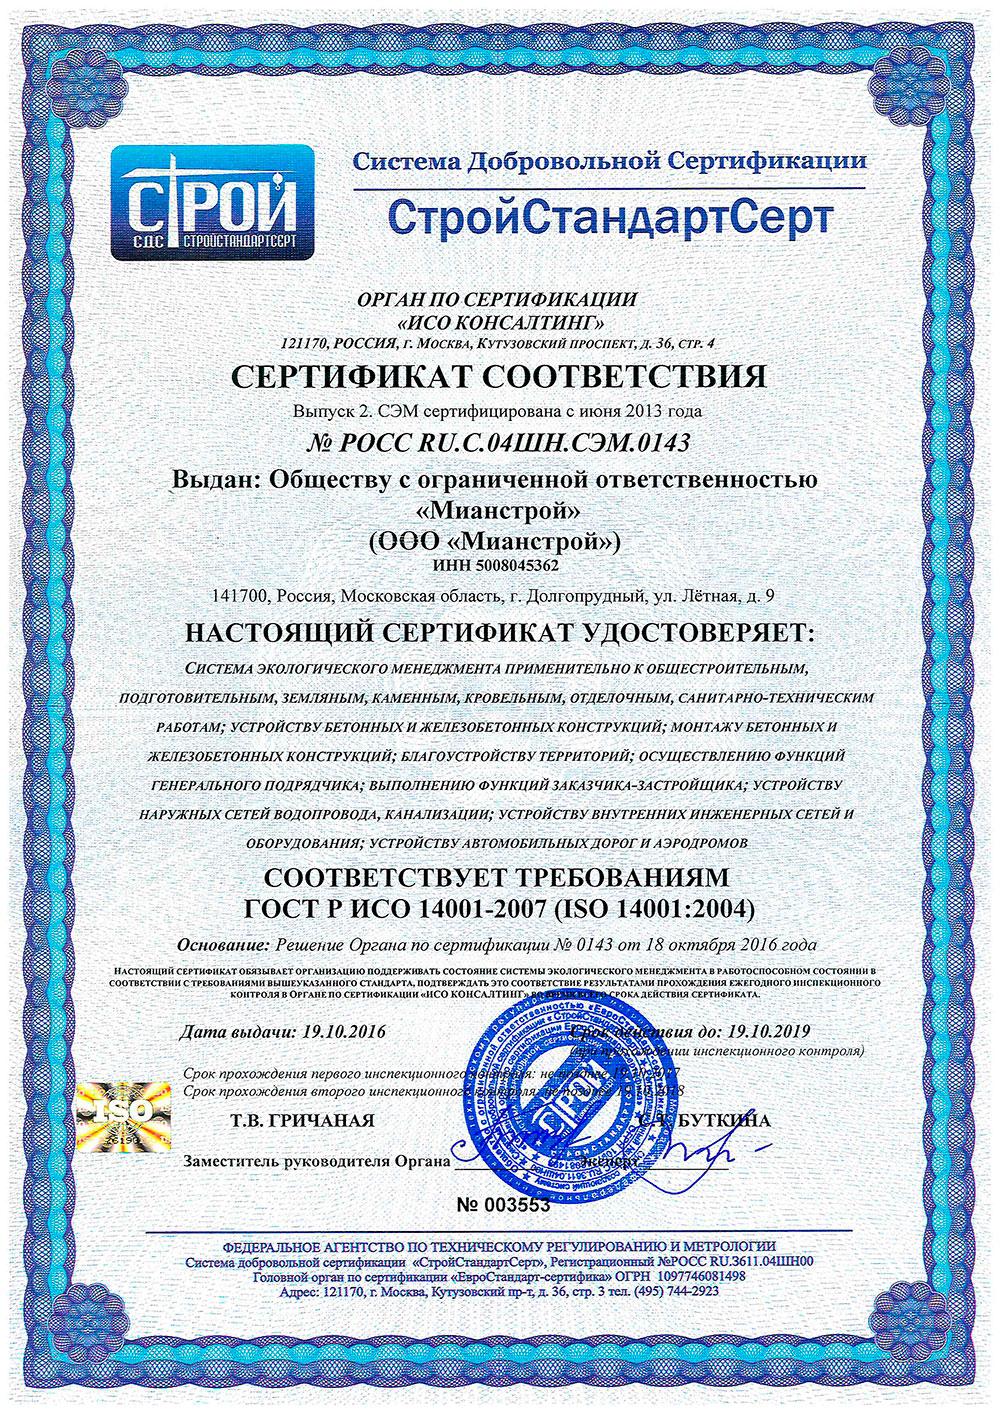 цена ГОСТ Р ИСО 14001 2007 в Тольятти